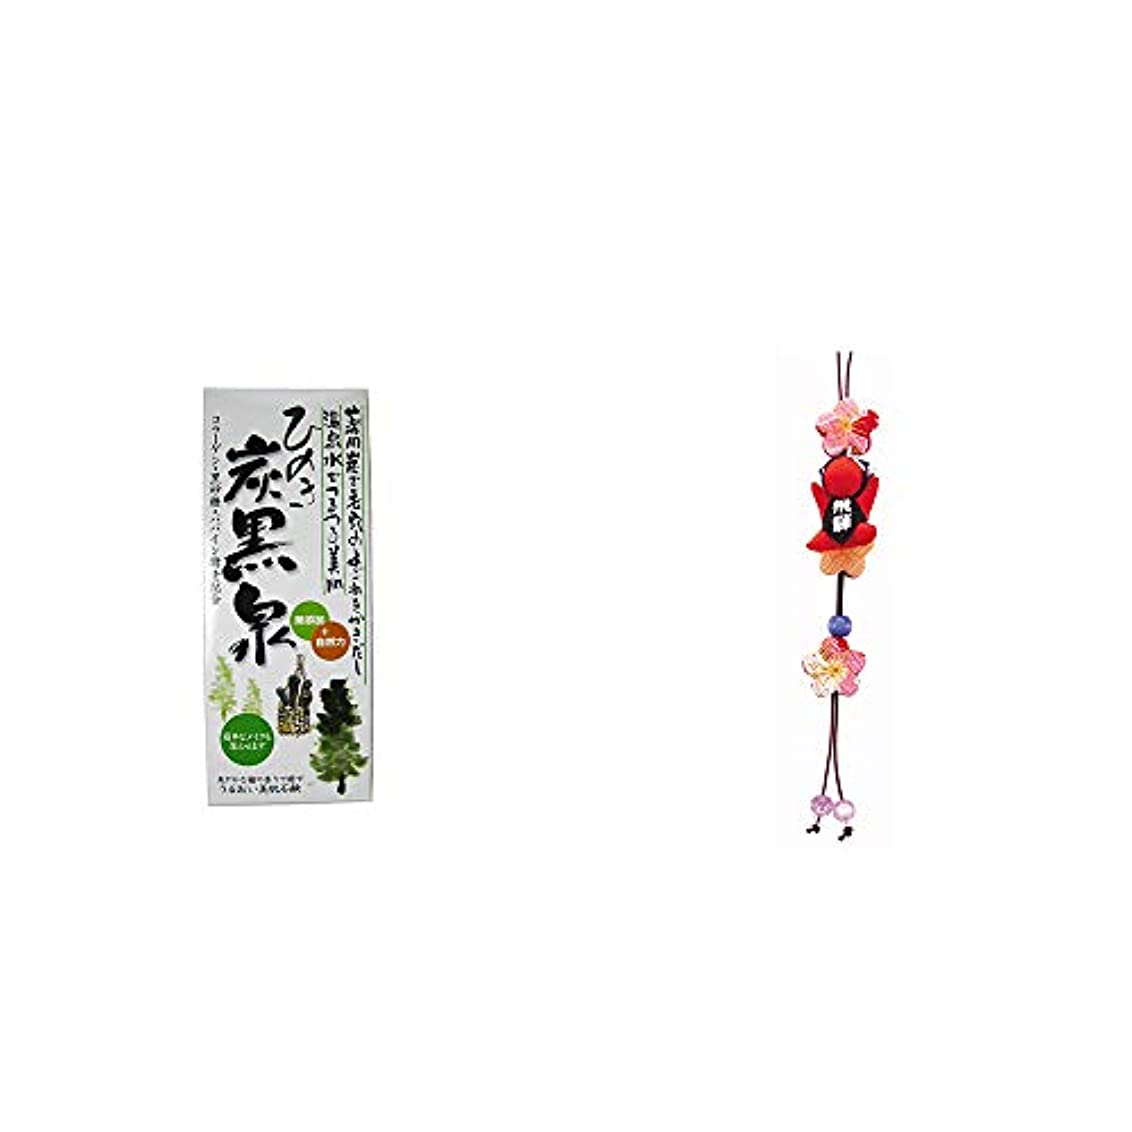 [2点セット] ひのき炭黒泉 箱入り(75g×3)?豆さるぼぼ 和風ストラップ【赤】 / 縁結び?魔除け //